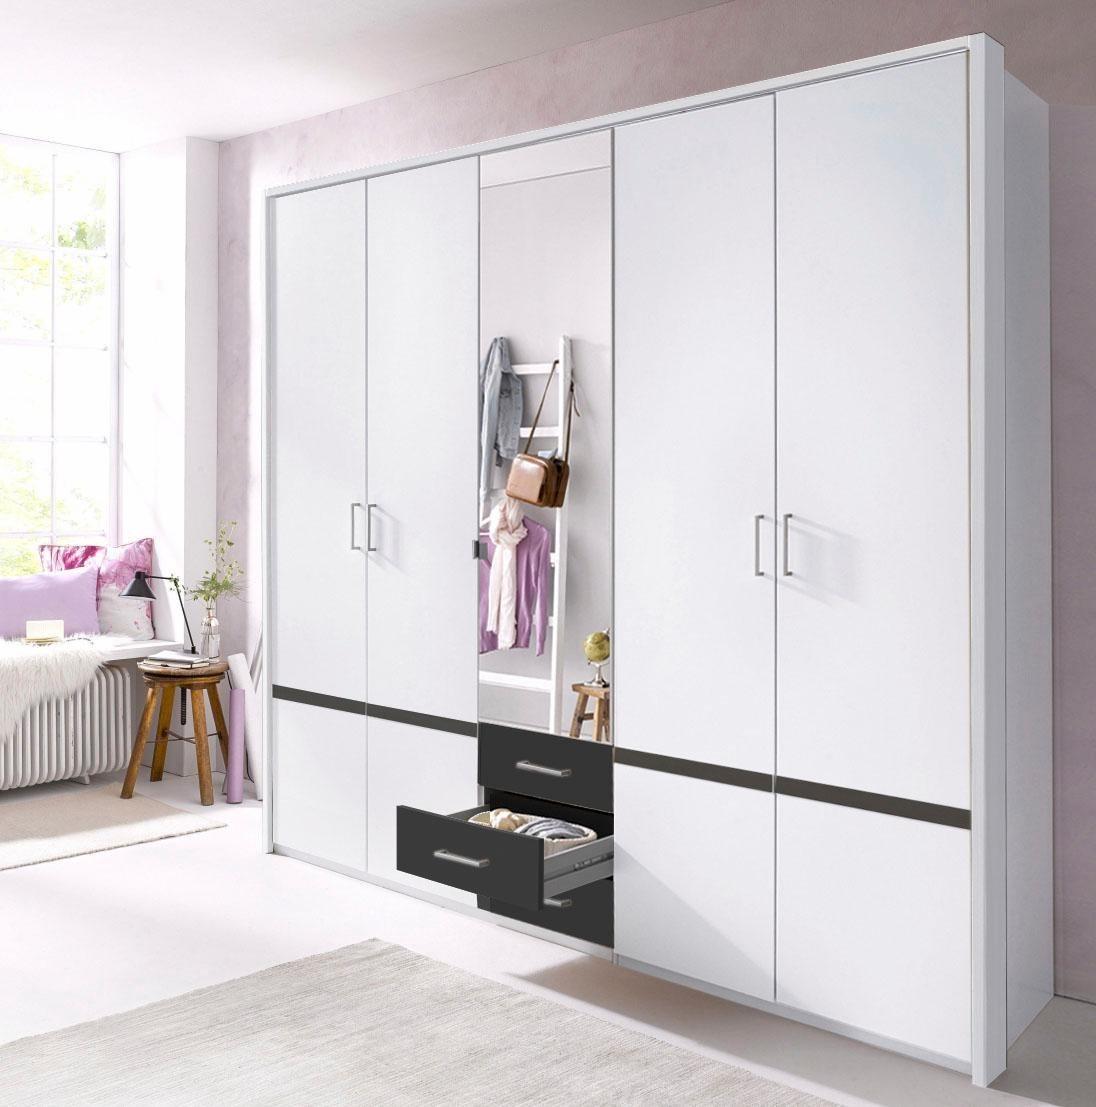 Attraktiv Kleiderschrank 270 Cm Breit Galerie Von Wimex 225 5-türig In Weiß / Anthrazit